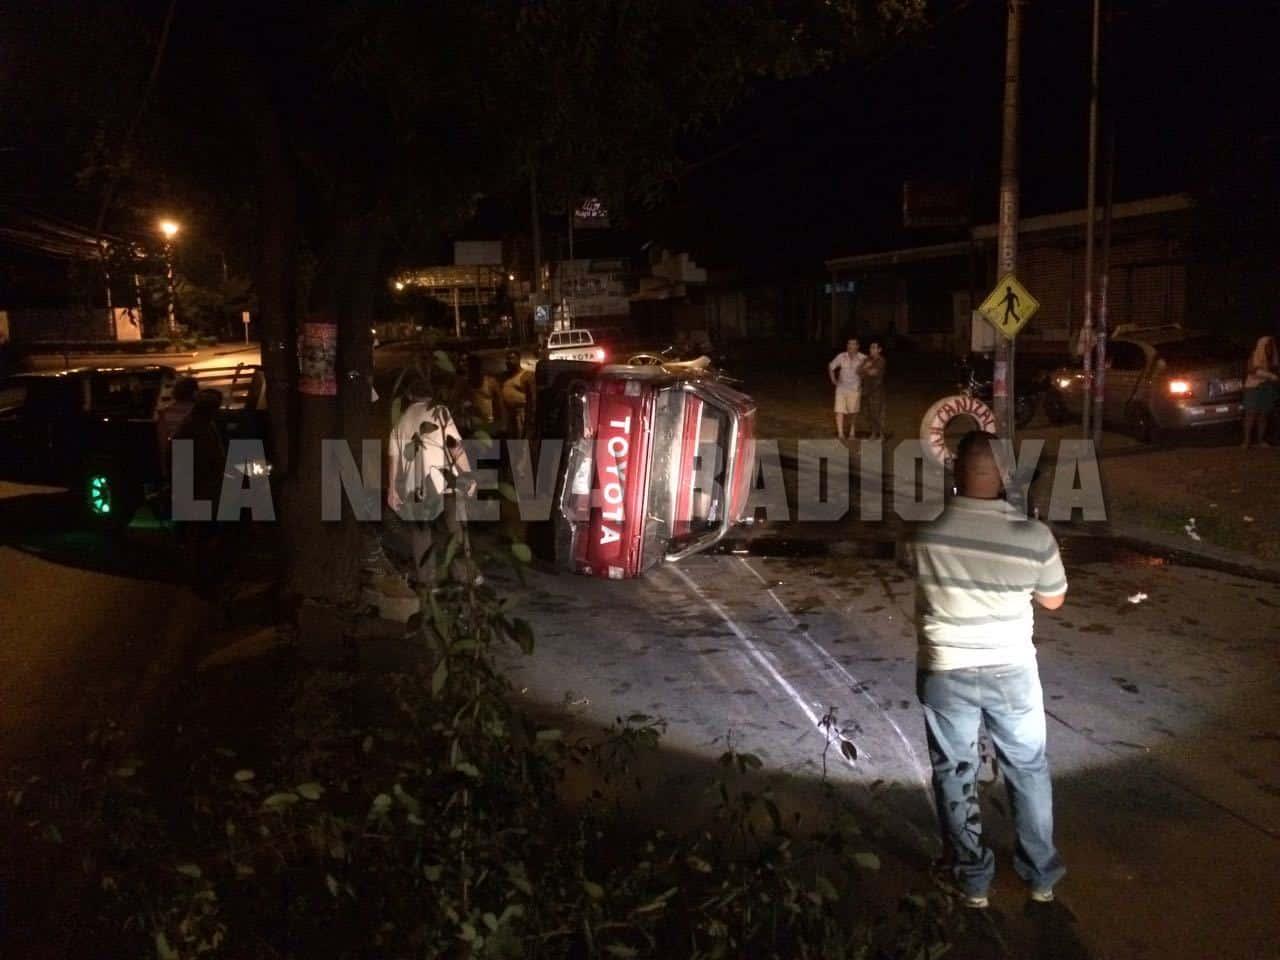 el vehículo era conducido por un ciudadano que solo se identificó como Maycol